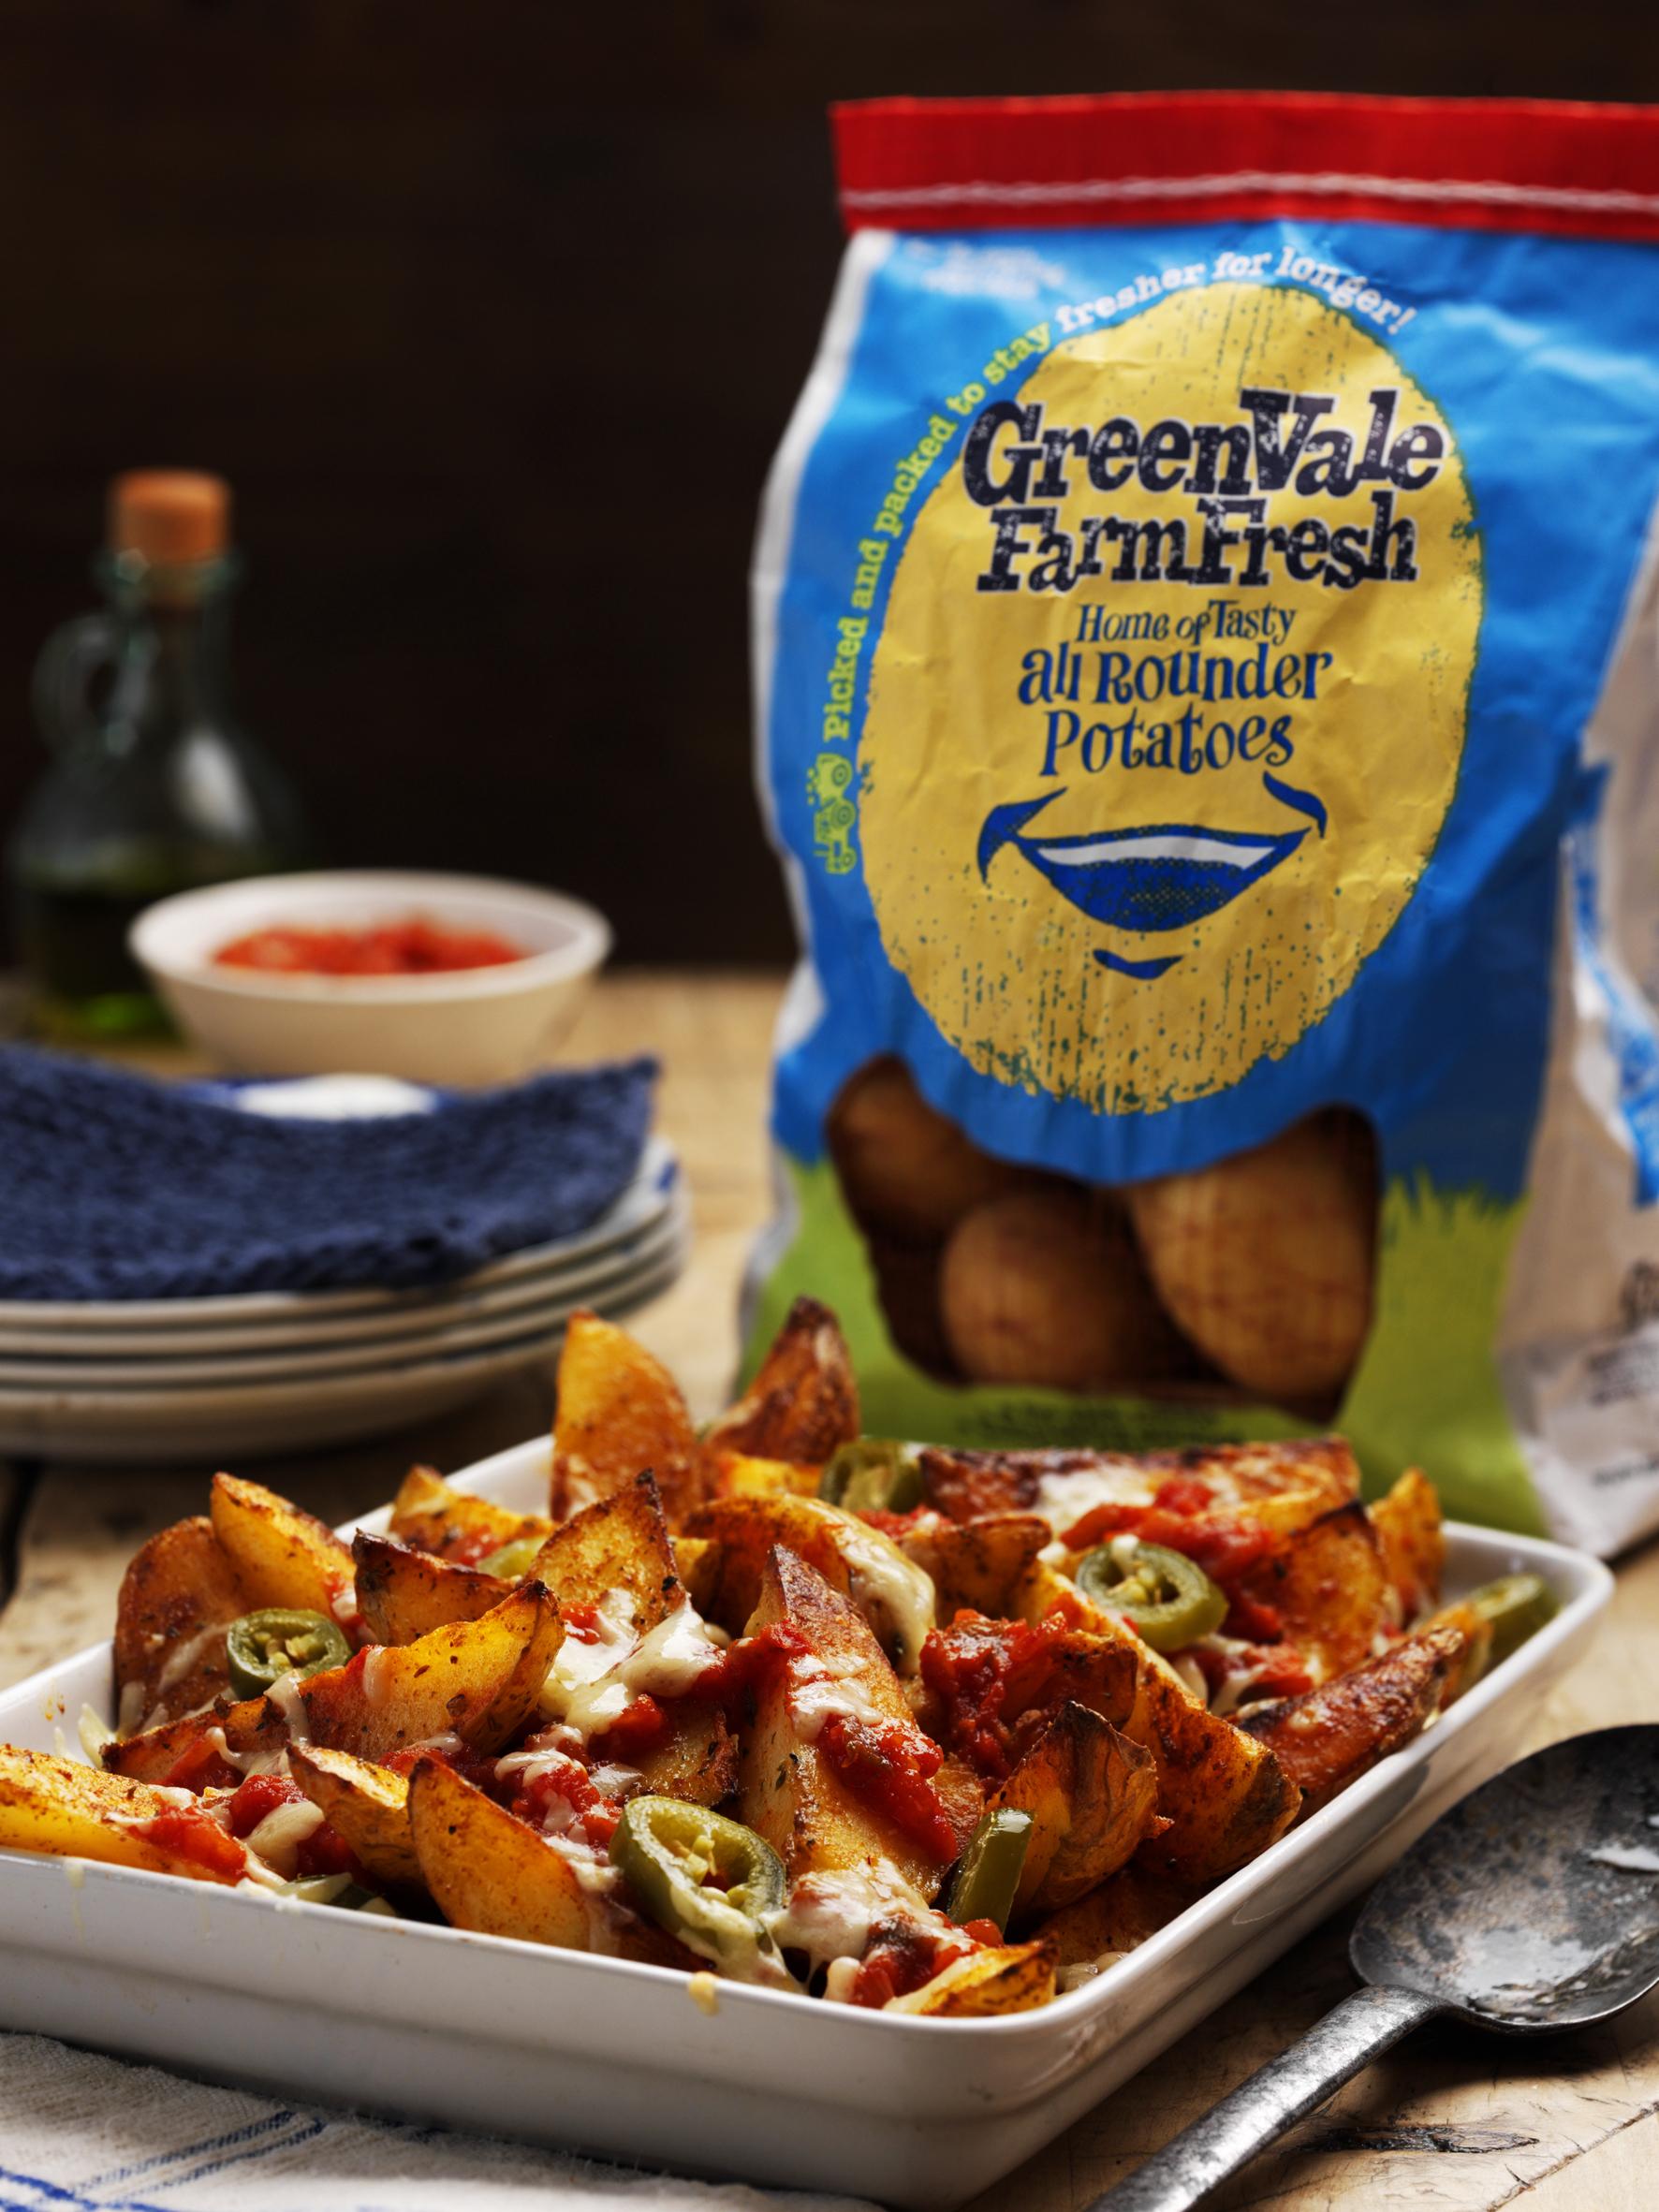 GreenVale spicy nachos wedges